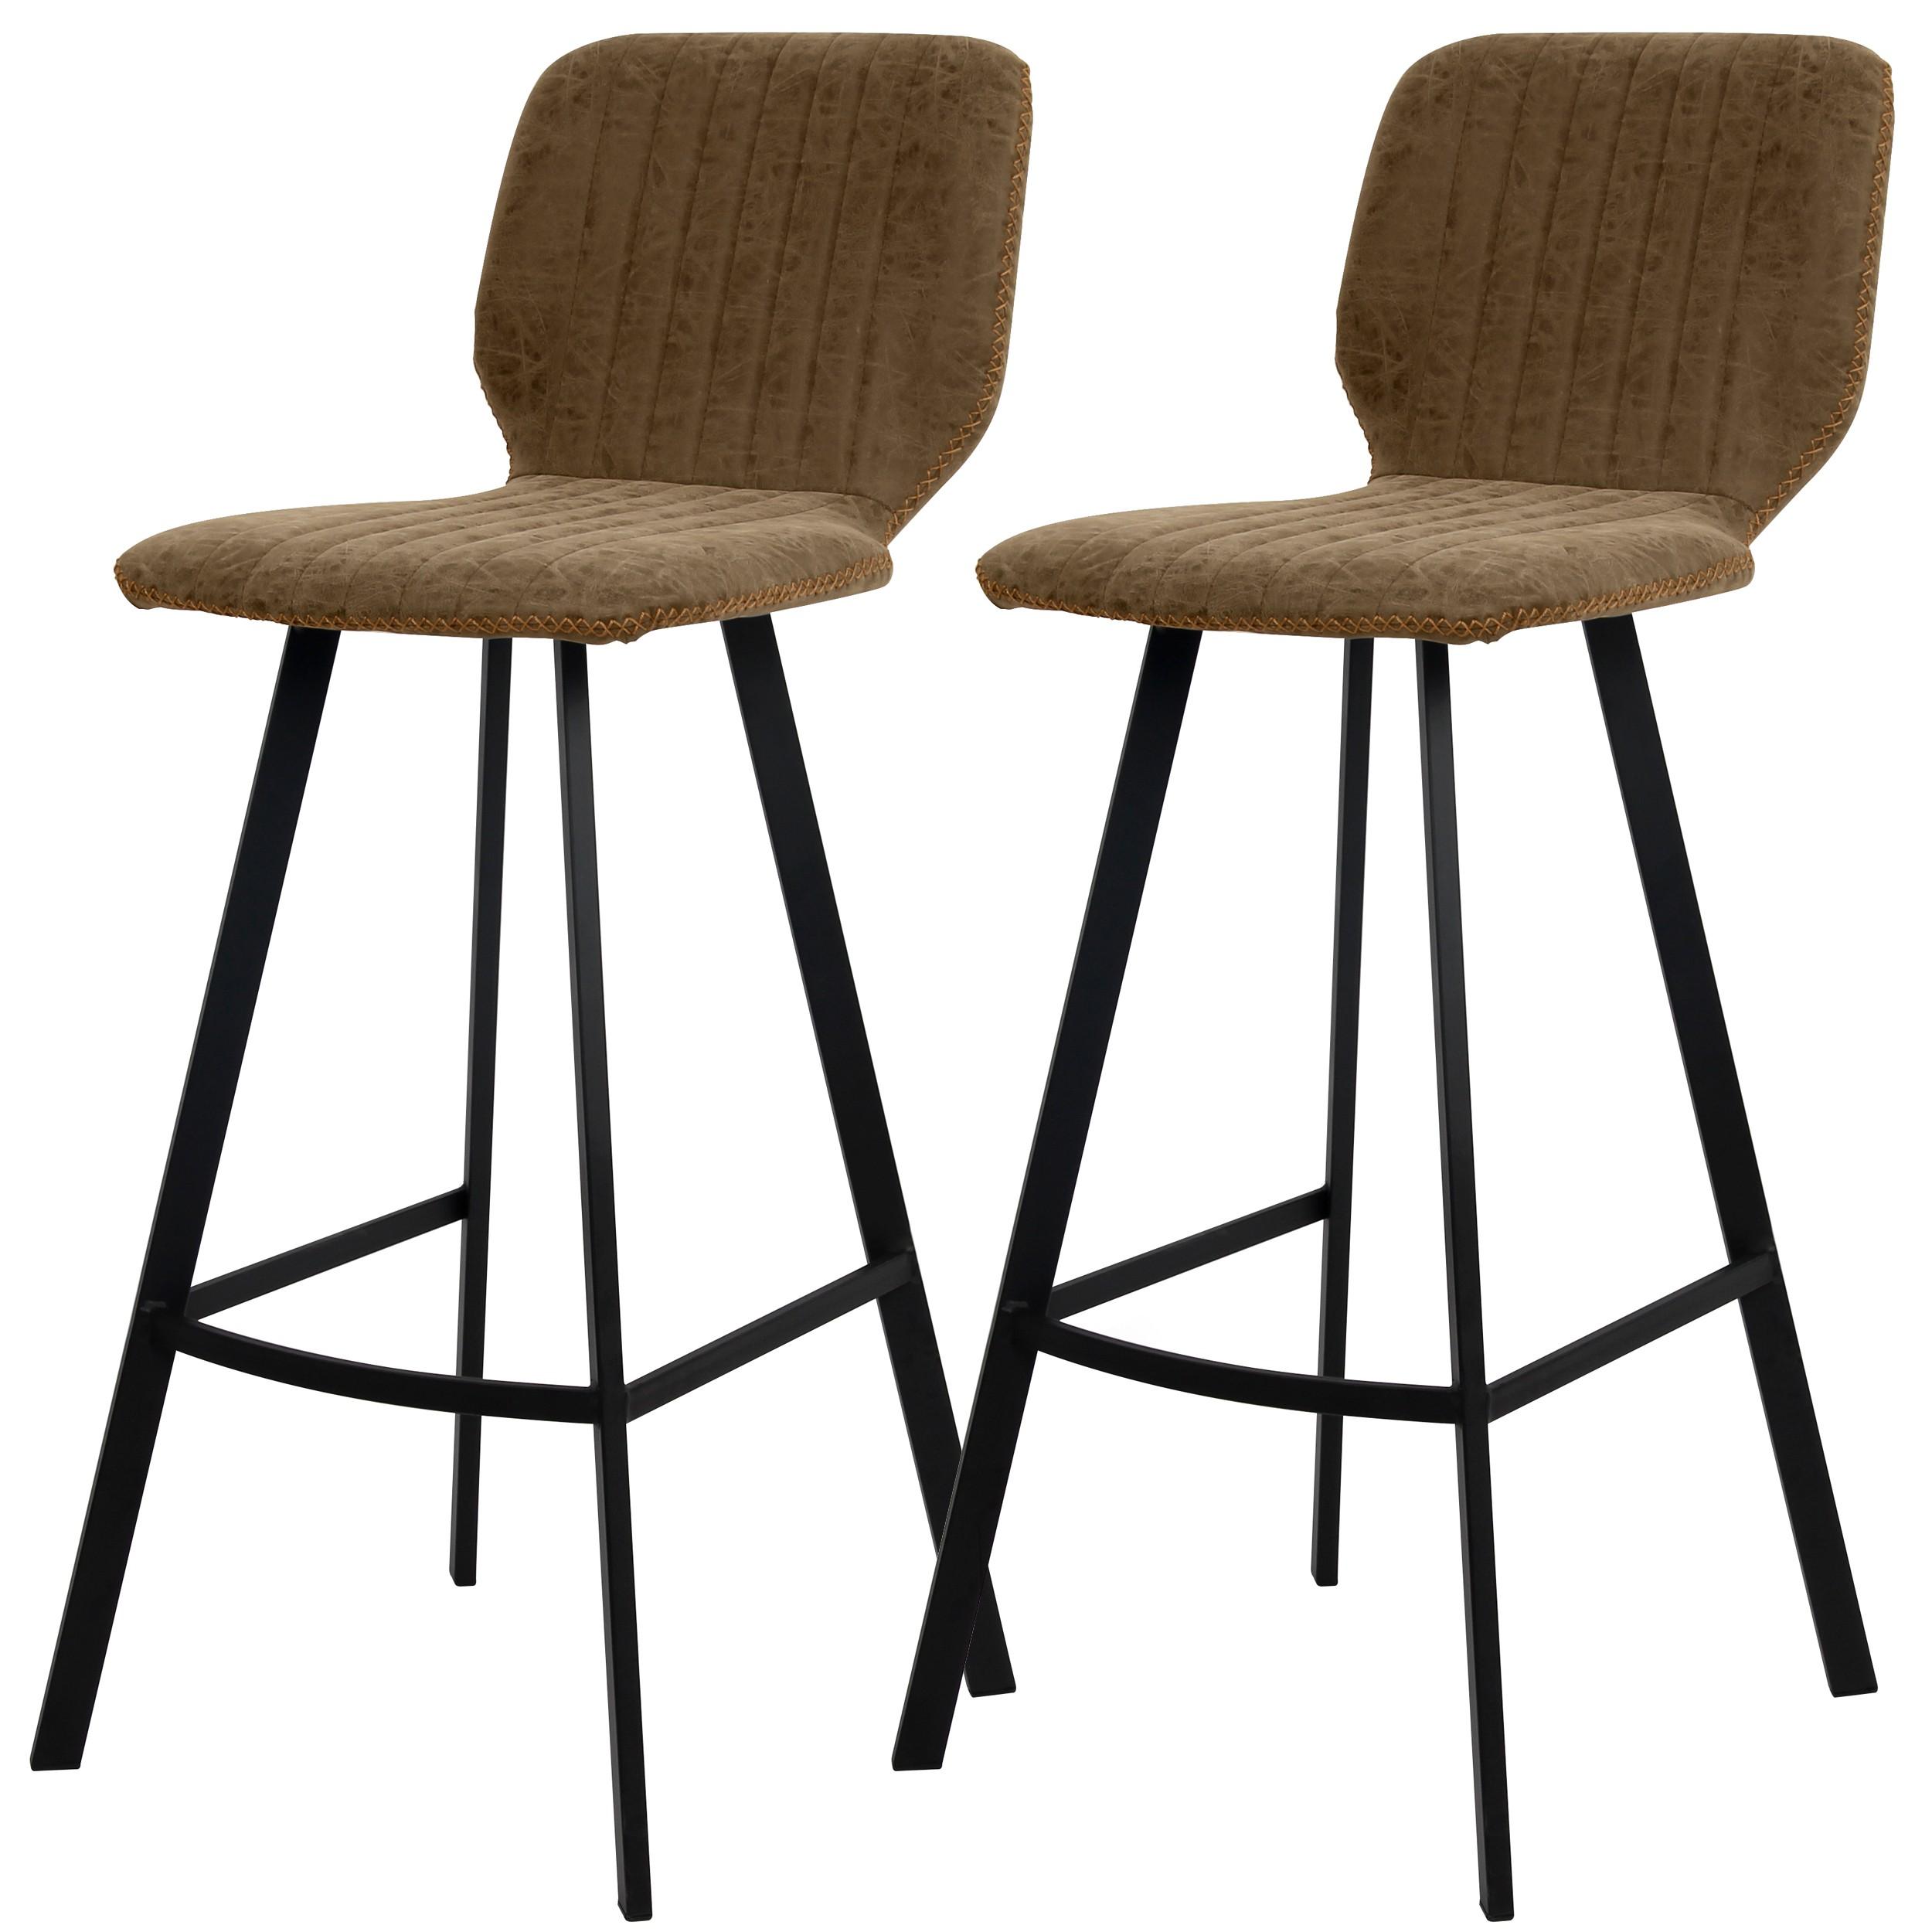 chaise de bar p kin marron lot de 2 d couvrez les chaises de bar p kin marron lot de 2 rdv. Black Bedroom Furniture Sets. Home Design Ideas